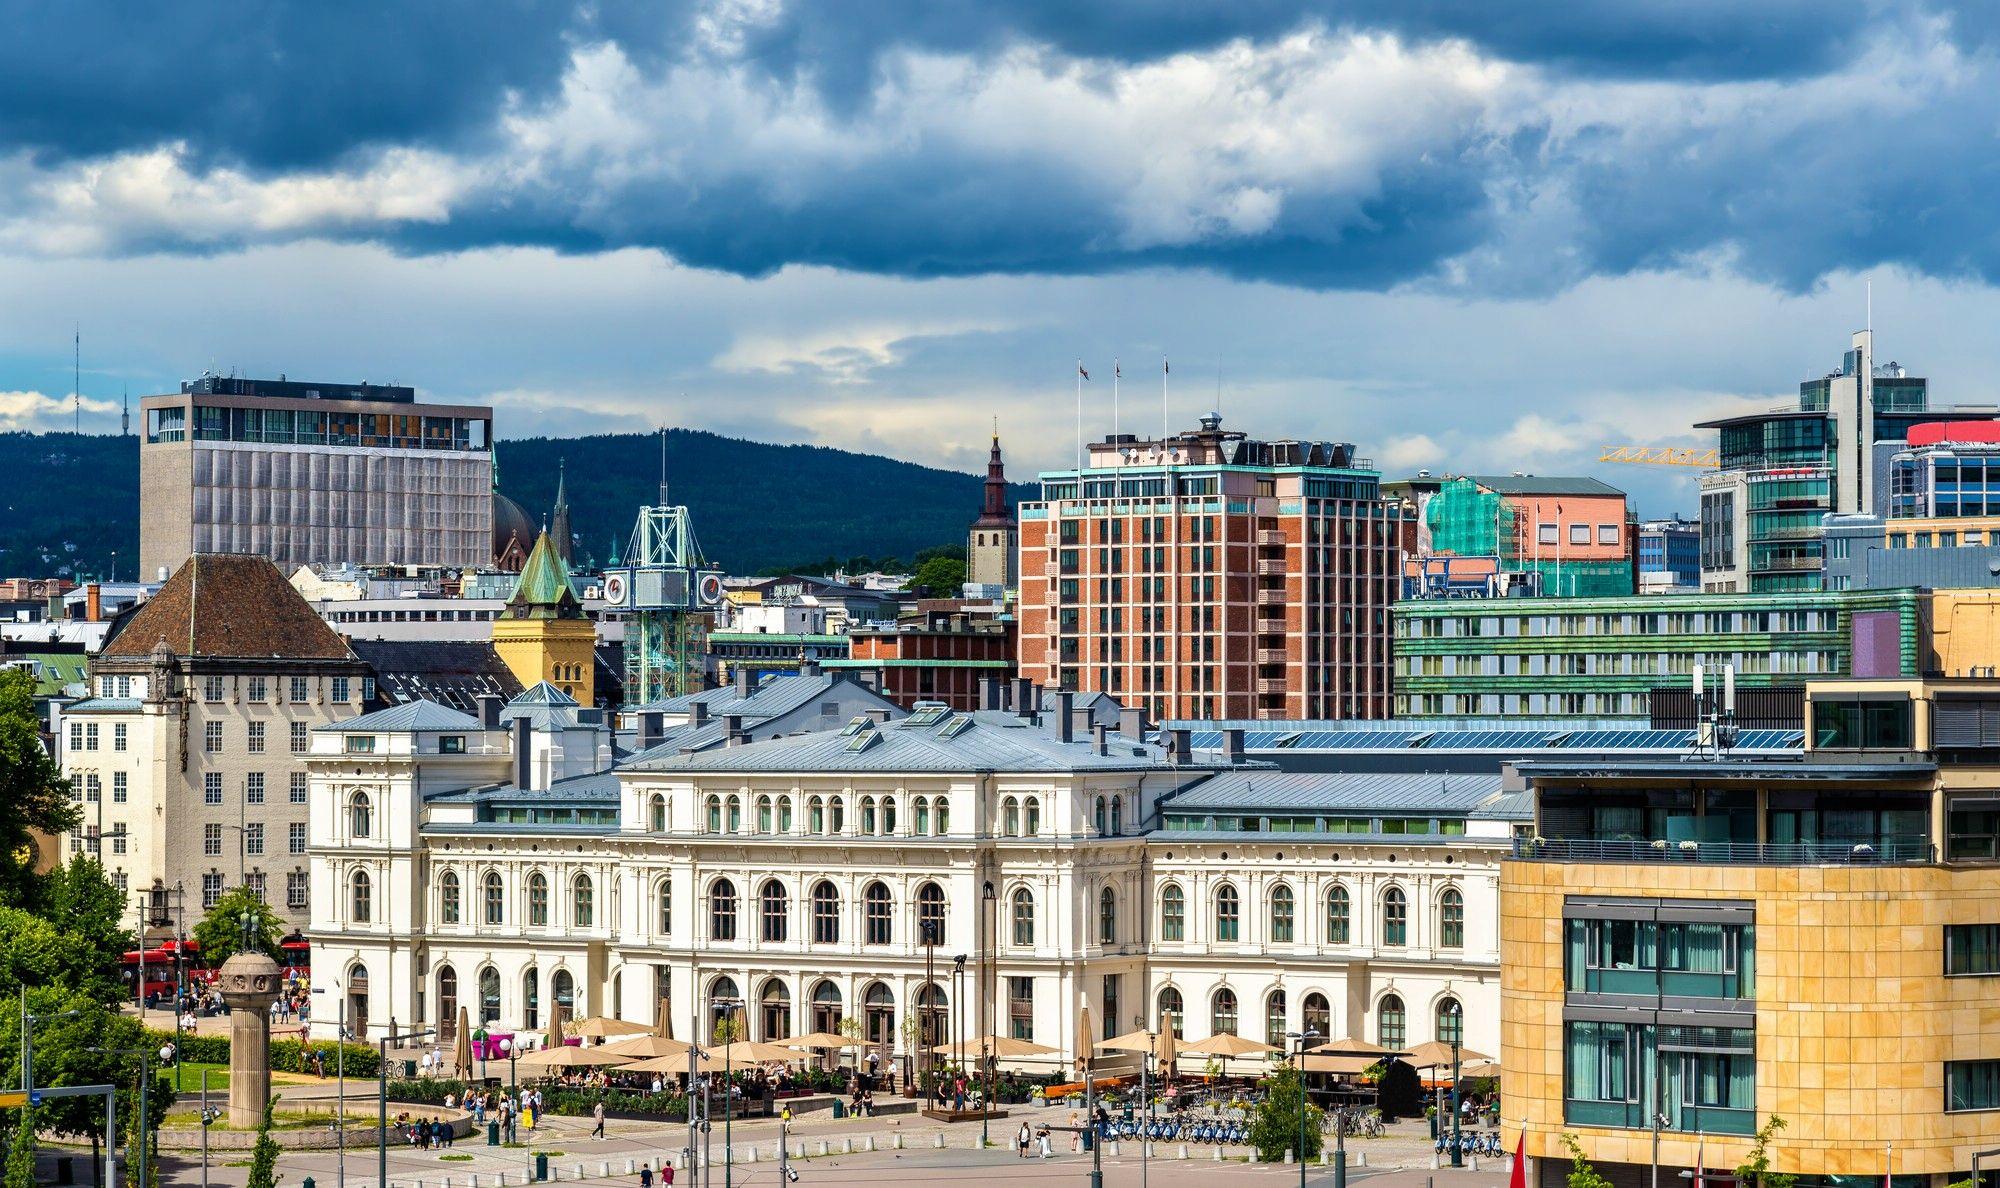 Обзорная экскурсия по Осло